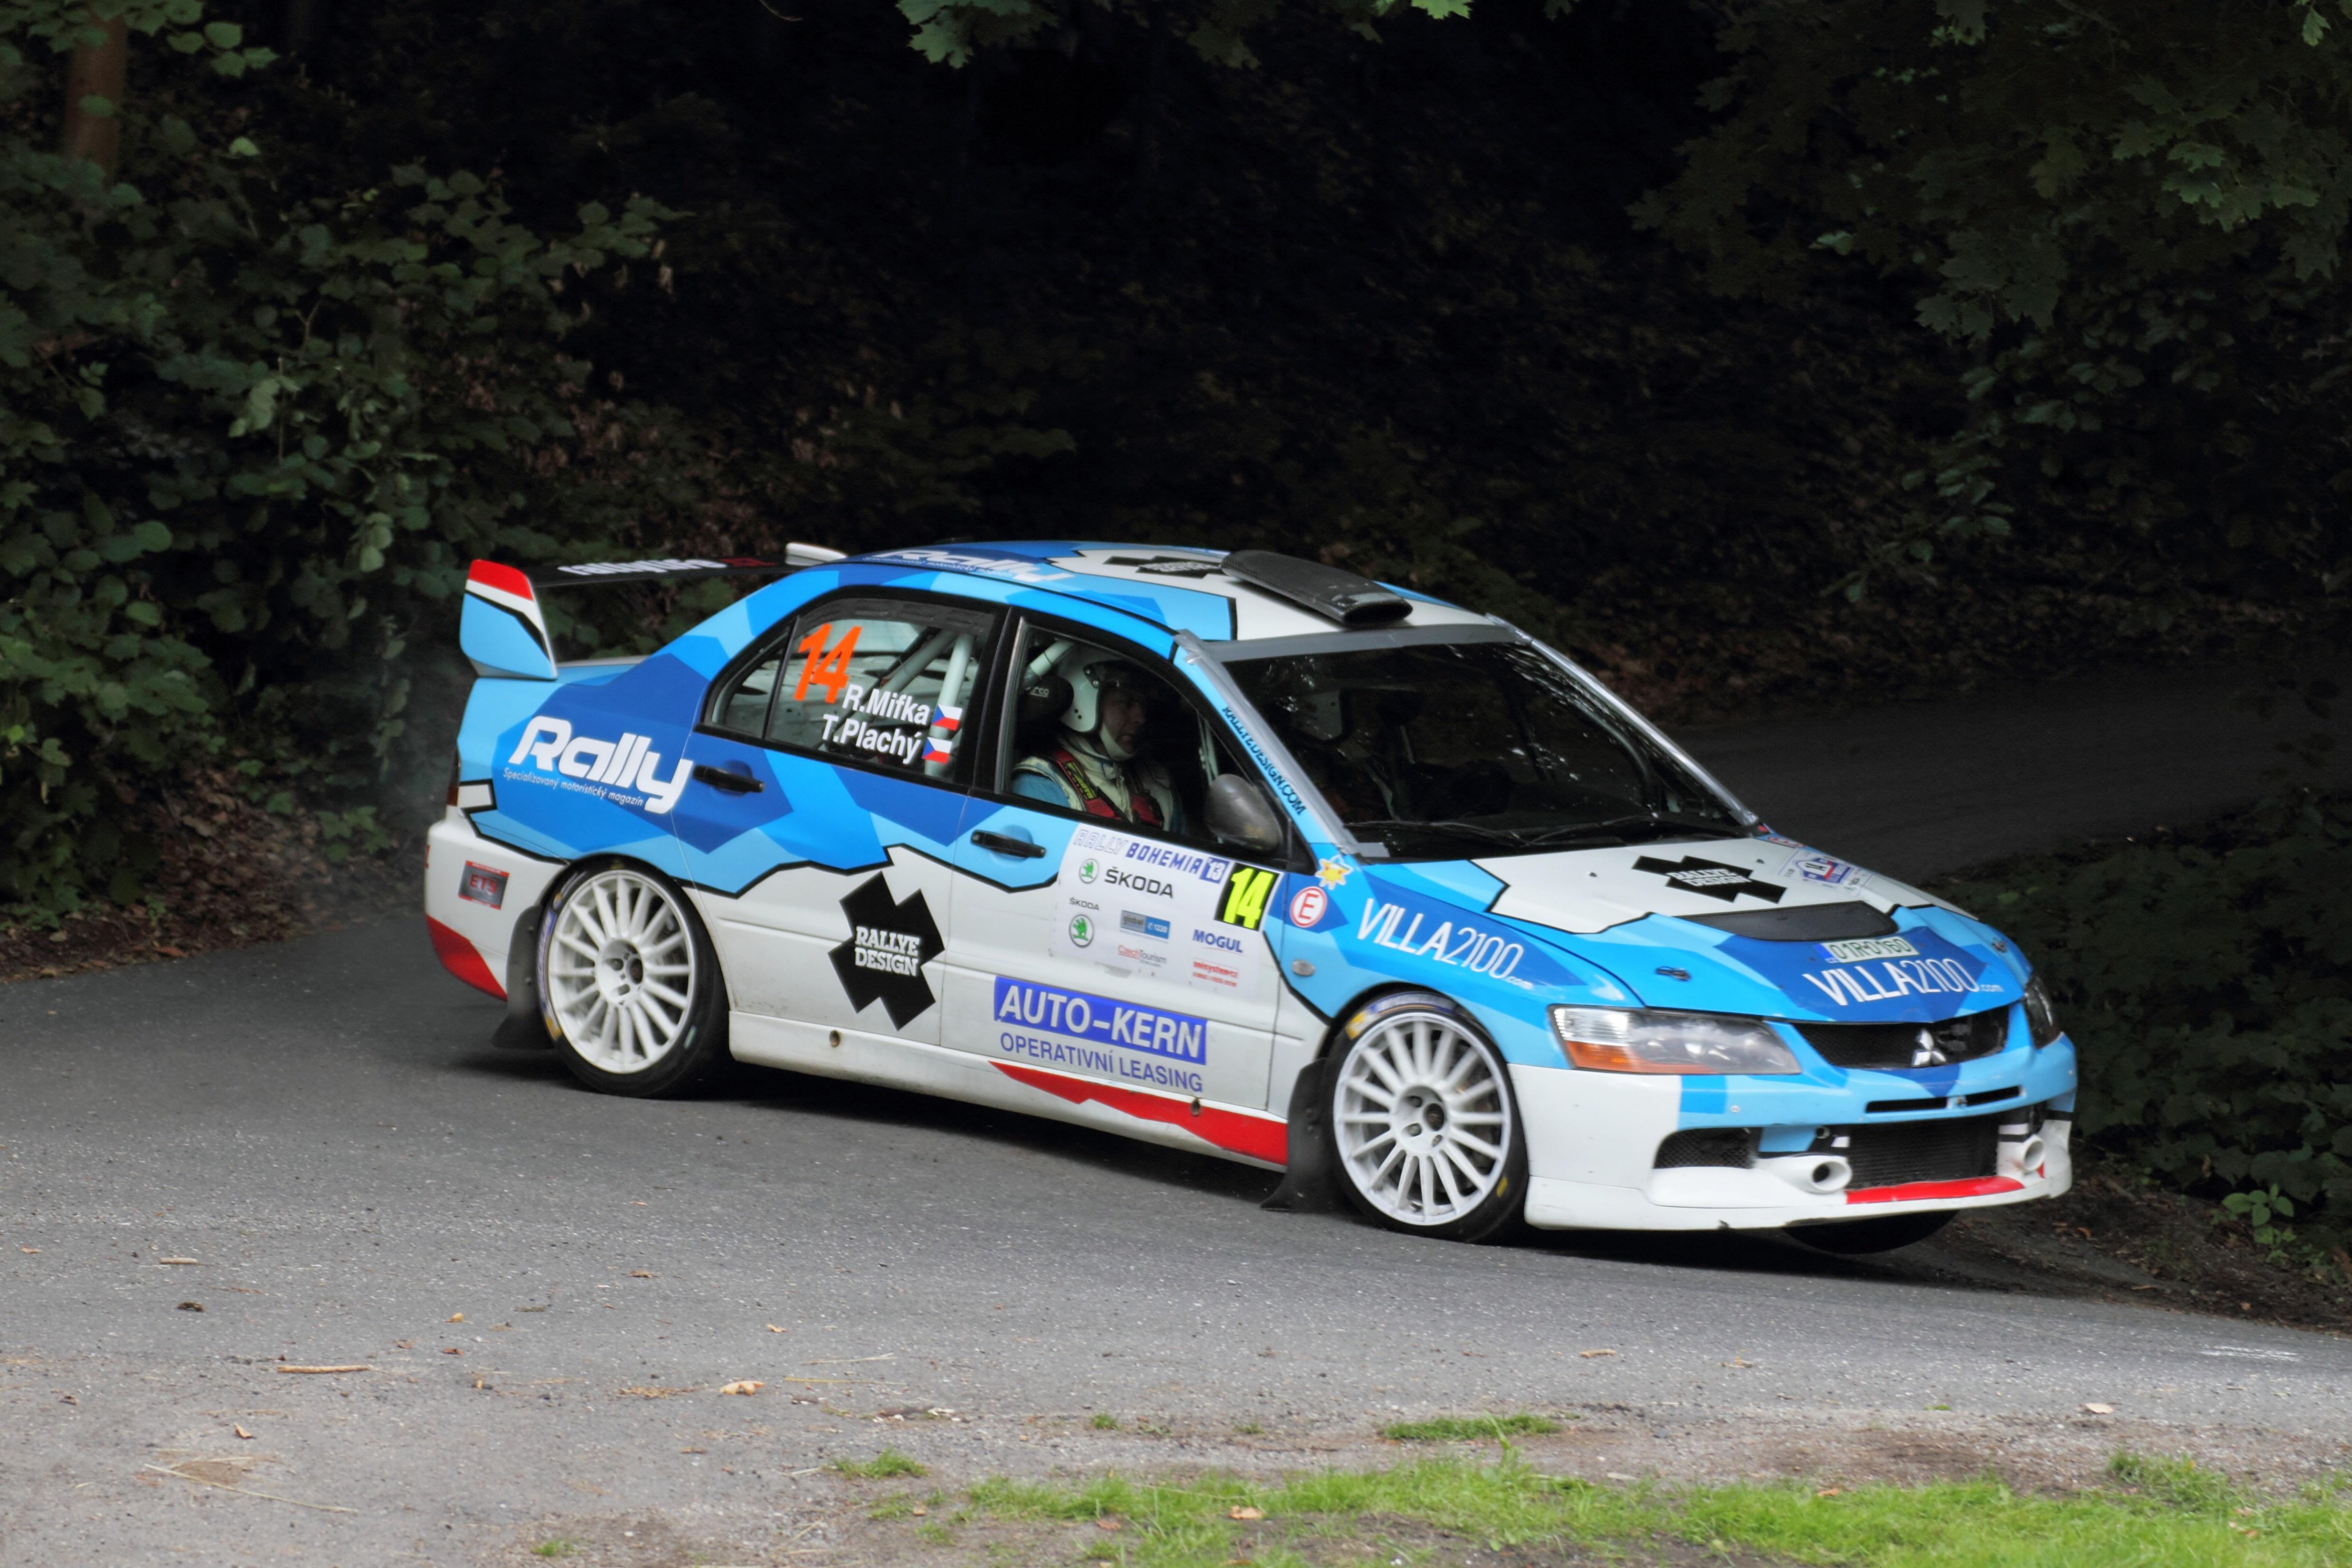 File:Rally Bohemia 2013 - Mifka, Mitsubishi Lancer Evo IX.jpg - Wikimedia Commons